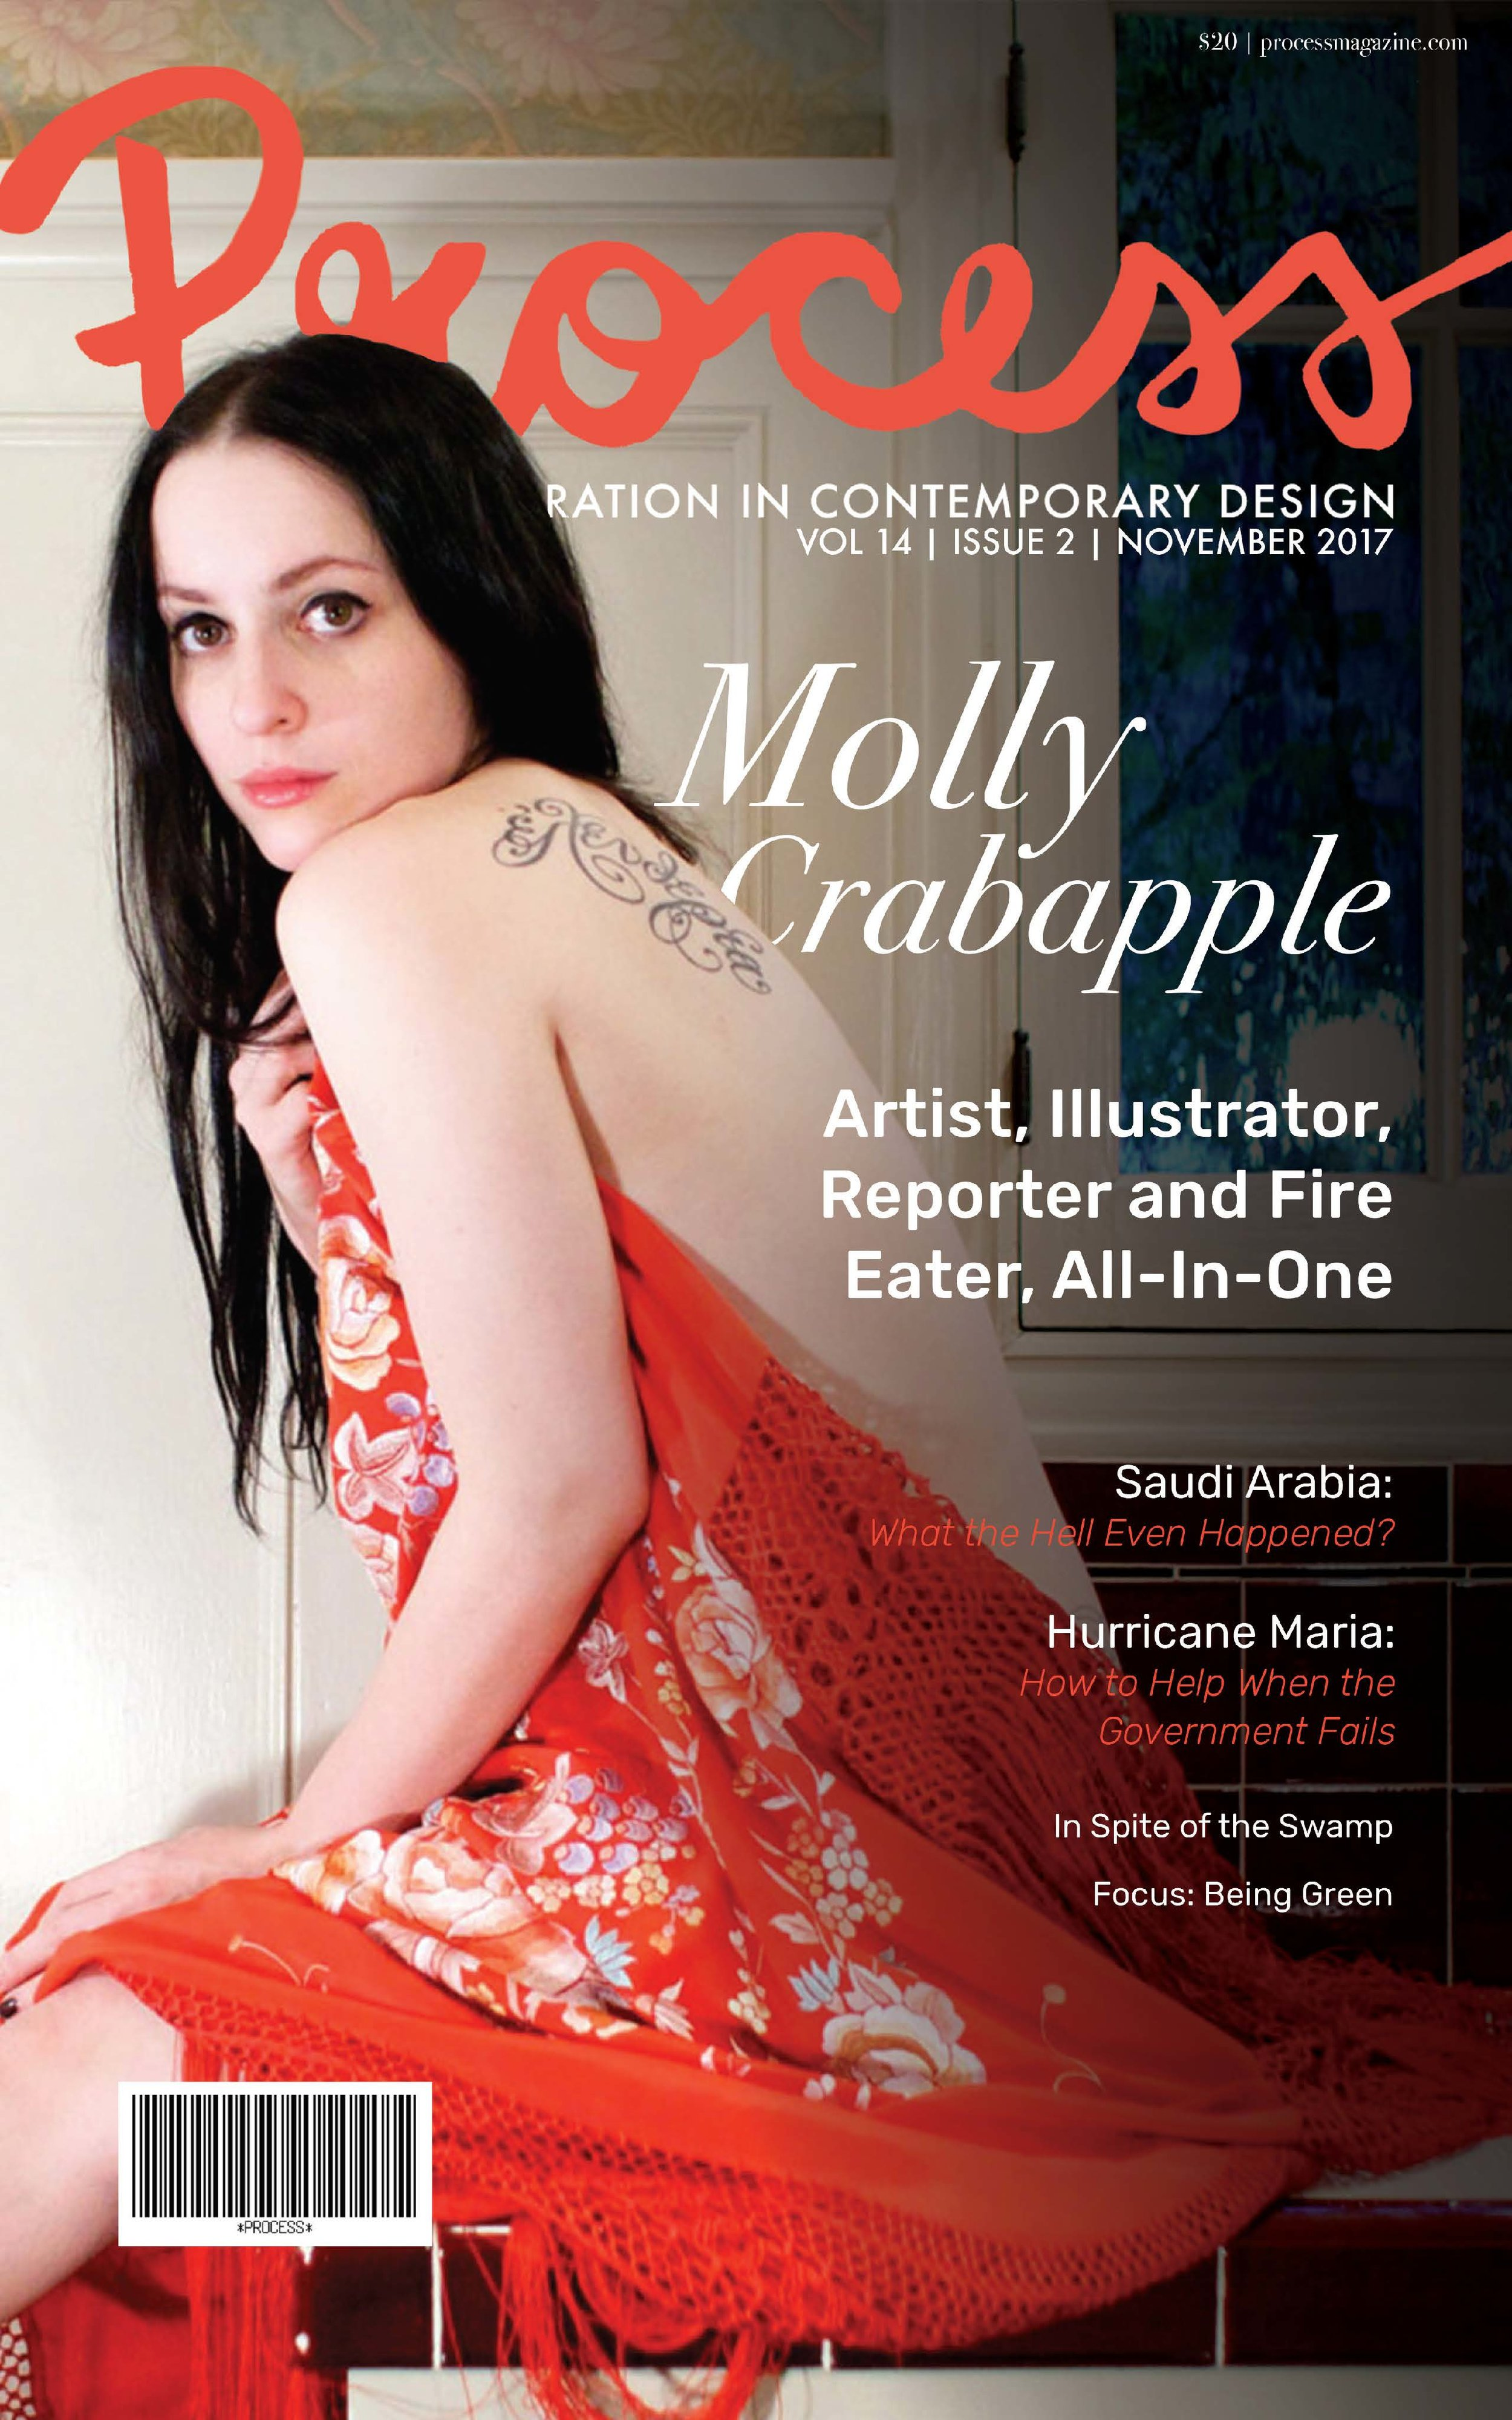 Magazine_FinalSpreads_Page_1.jpg